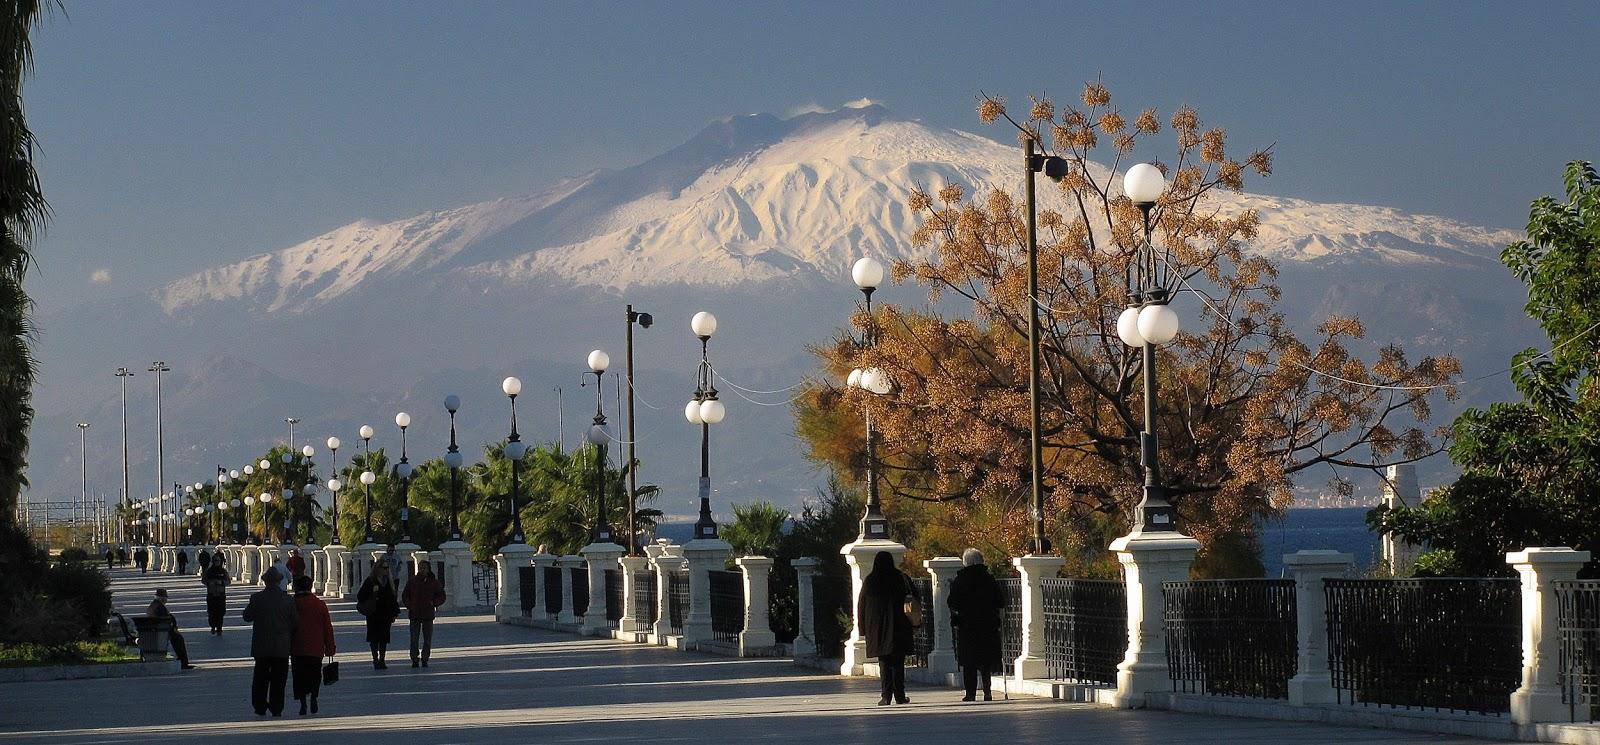 Etna dalla via Marina di Reggio Calabria, 17 dicembre 2013